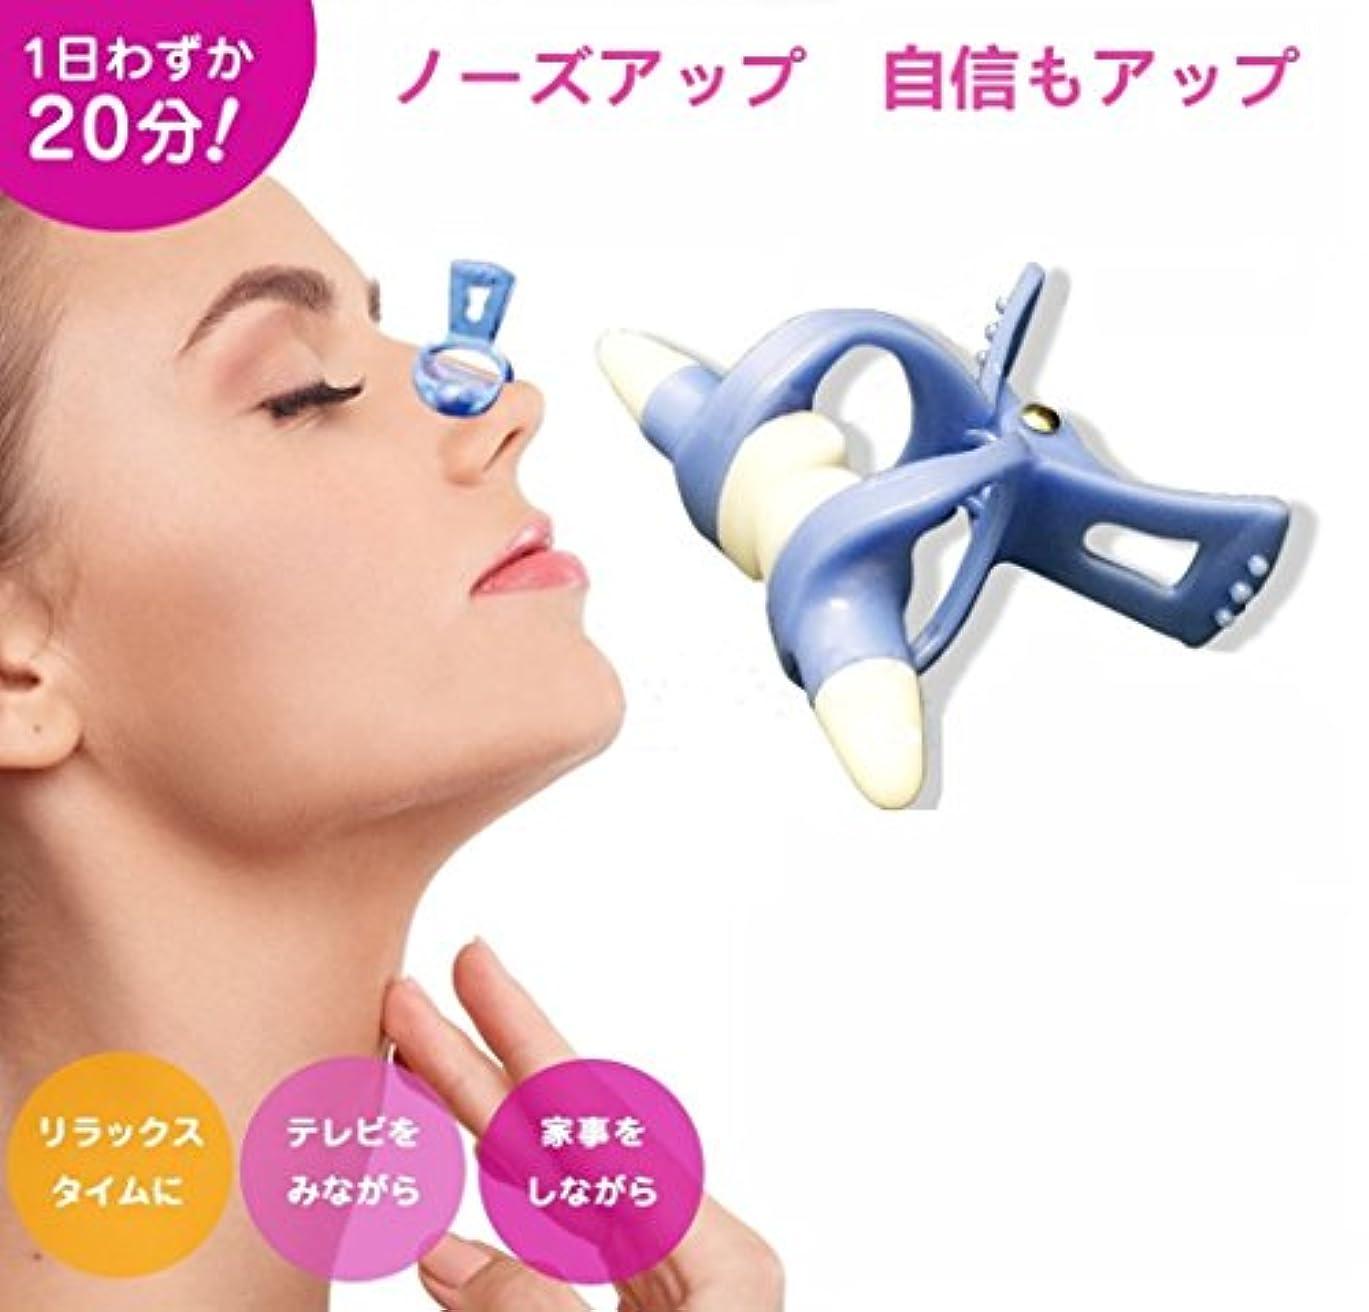 シーフードすずめゲートウェイノーズアップ ノーズクリップ Vicona鼻クリップ 美鼻 鼻筋矯正 鼻プチ プチ整形 鼻筋セレブ 抗菌シリコンで  柔らか素材で痛くない 肌にやさしい